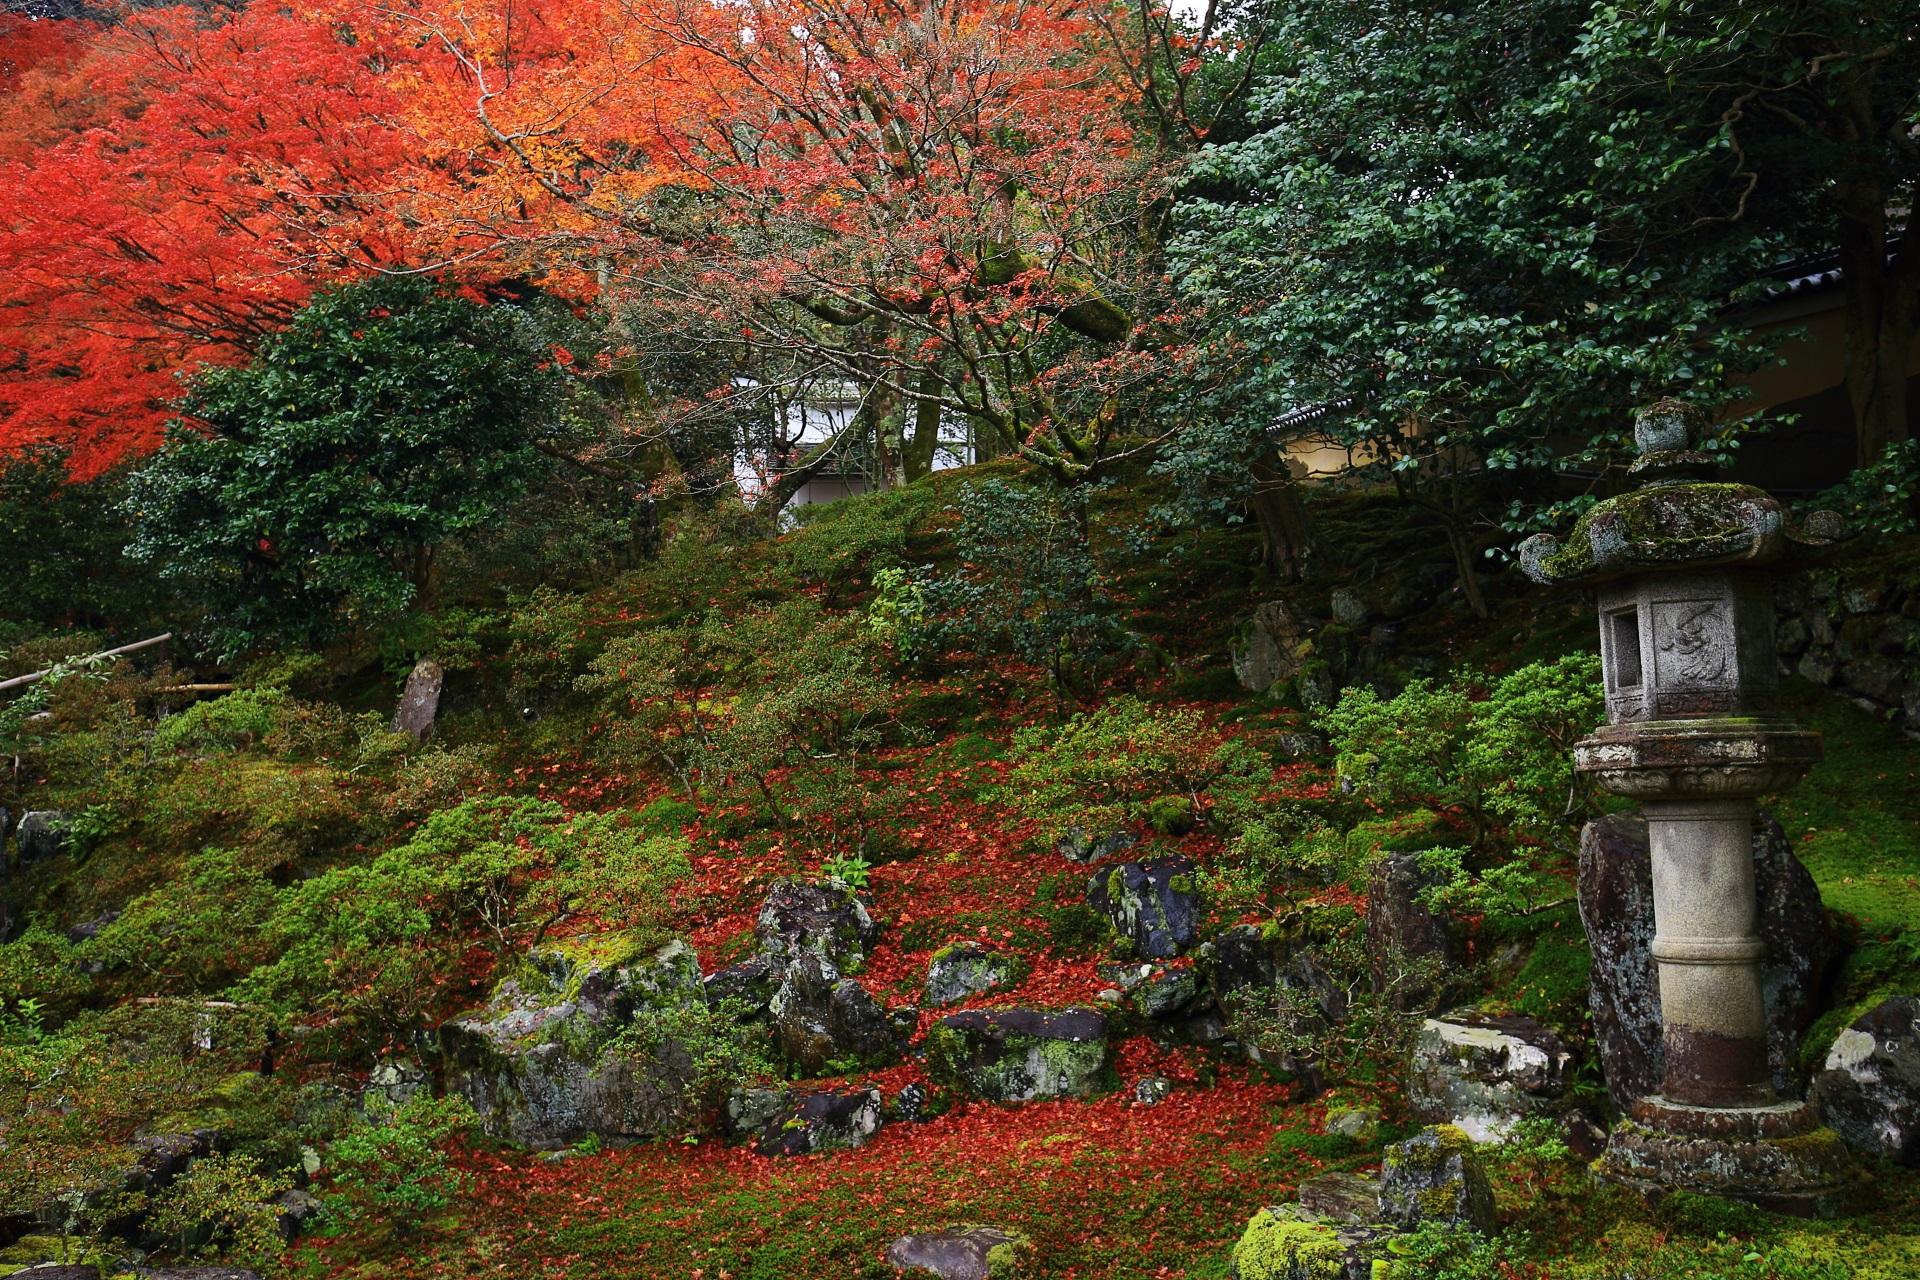 岩や燈籠が配された落ち着きのある庭園と溢れる紅葉や散りもみじ